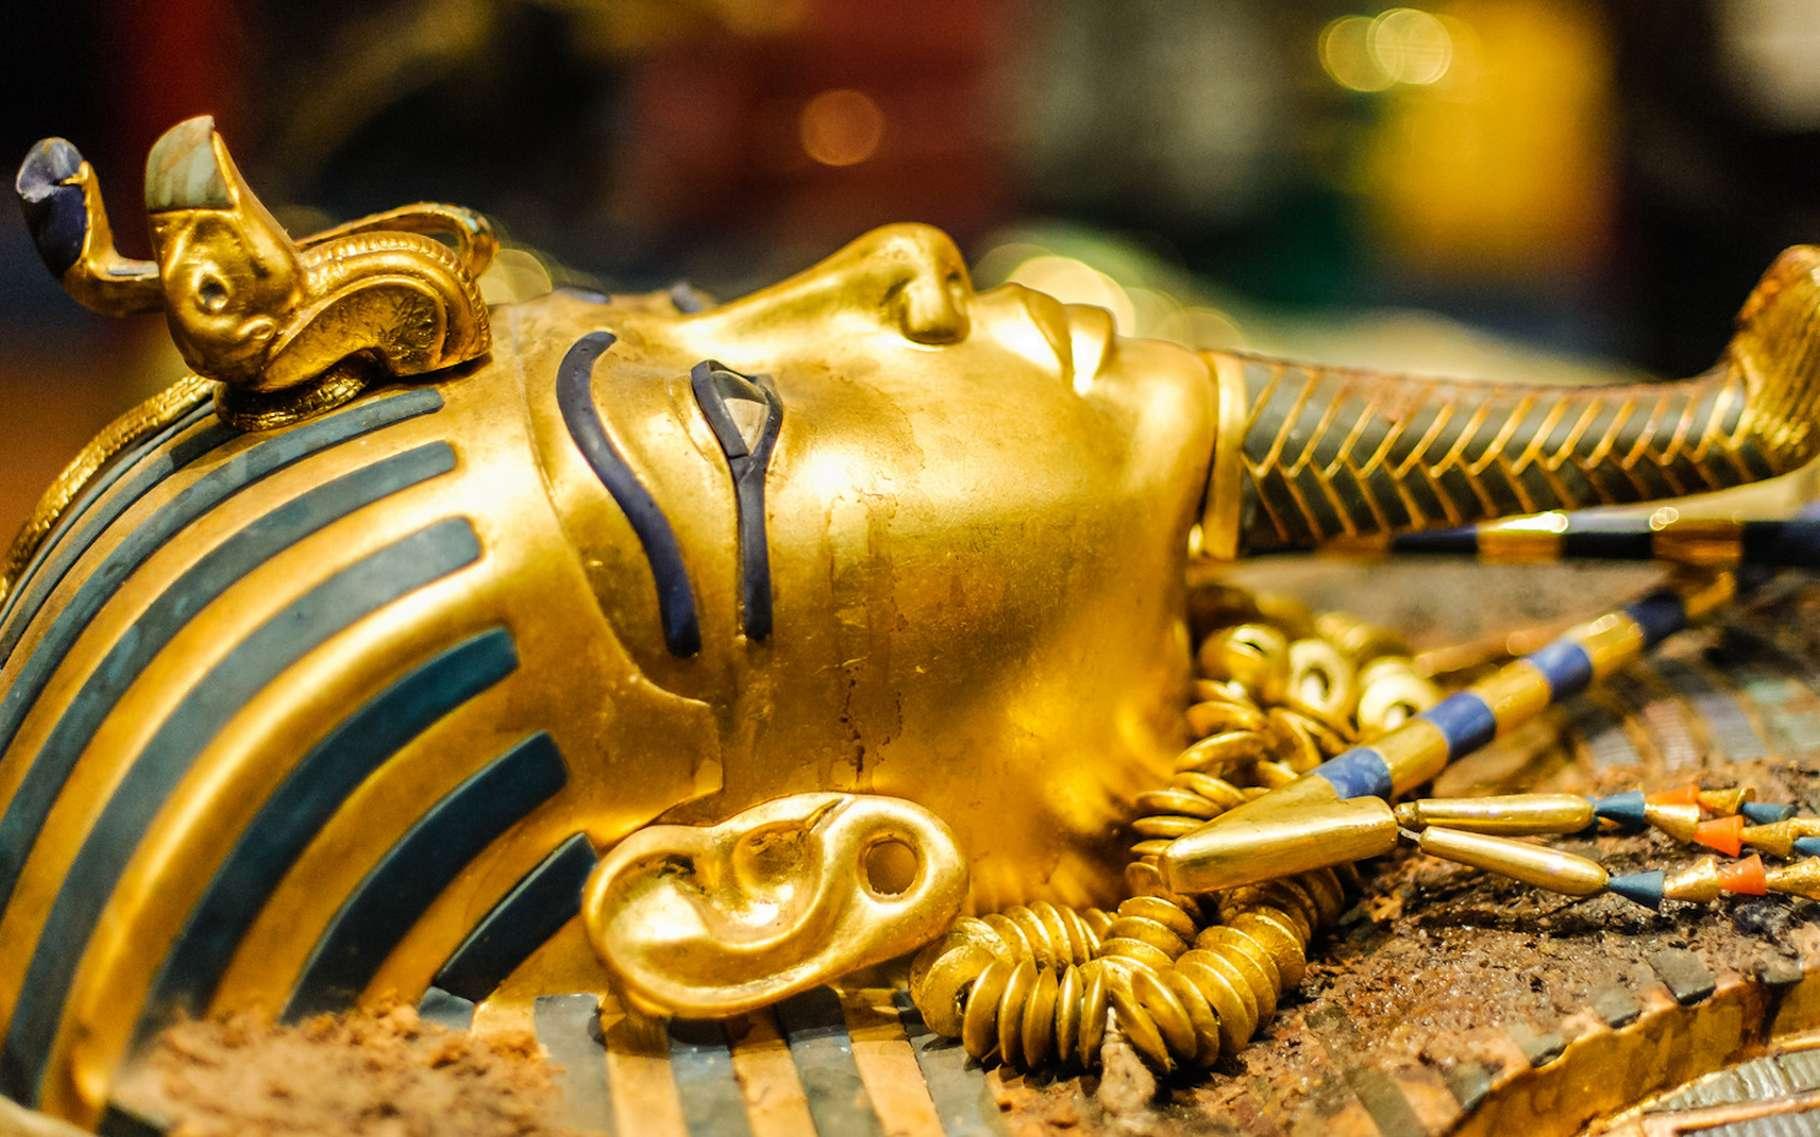 Alors que l'exposition « Toutankhamon, le Trésor du Pharaon » ouvre ses portes à Paris, la légende du plus célèbre des pharaons continue de fasciner. © Dieter Hawlan, Fotolia